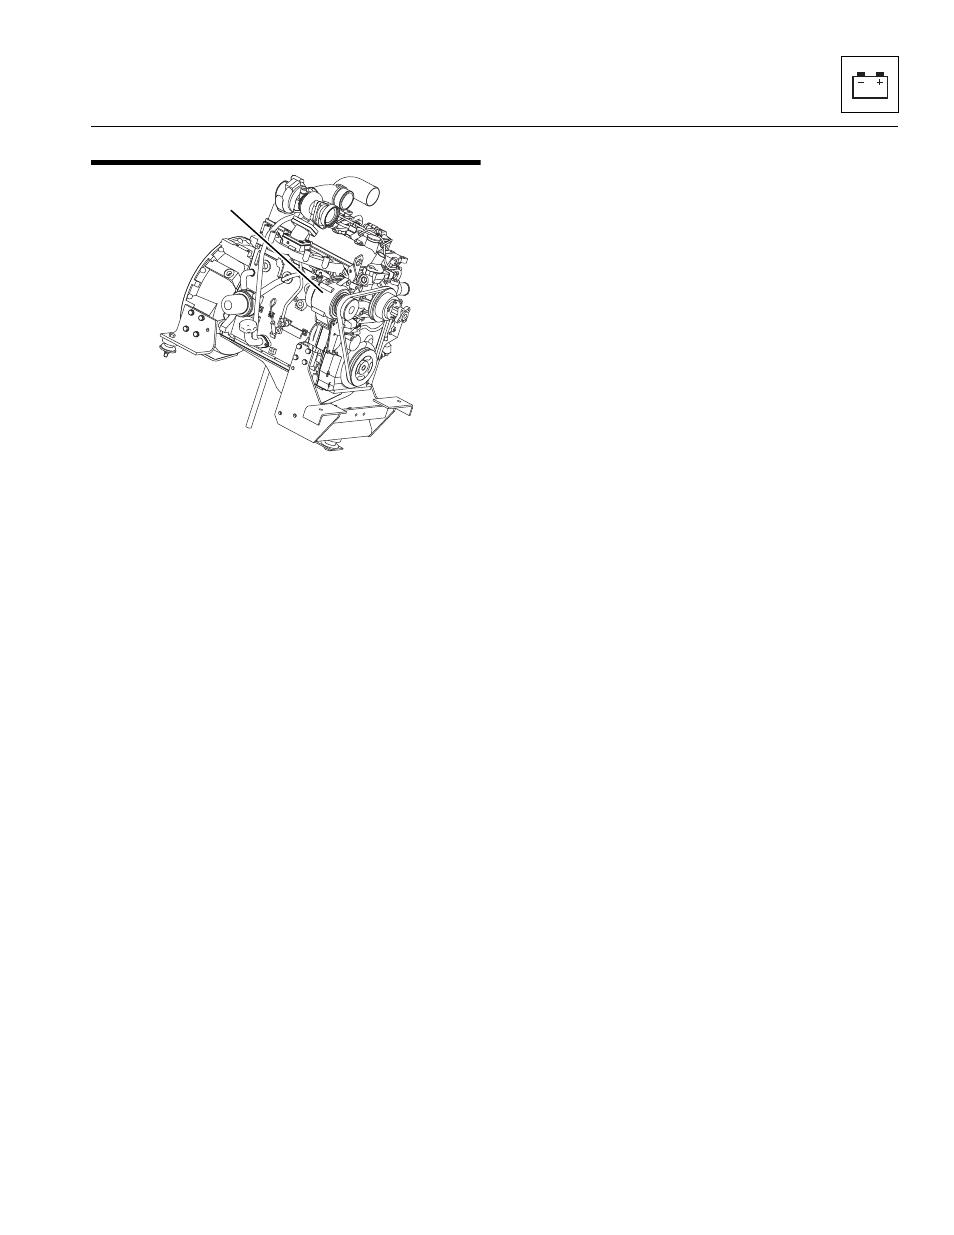 Skytrak Wiring Diagram on dynapac wiring diagram, tennant wiring diagram, liebherr wiring diagram, harlo wiring diagram, clark wiring diagram, sullair wiring diagram, hoist wiring diagram, bomag wiring diagram, american wiring diagram, atlas wiring diagram, sakai wiring diagram, jungheinrich wiring diagram, jlg wiring diagram, ingersoll rand wiring diagram, moffett wiring diagram, taylor wiring diagram, traverse wiring diagram, lull wiring diagram, apache wiring diagram, demag wiring diagram,